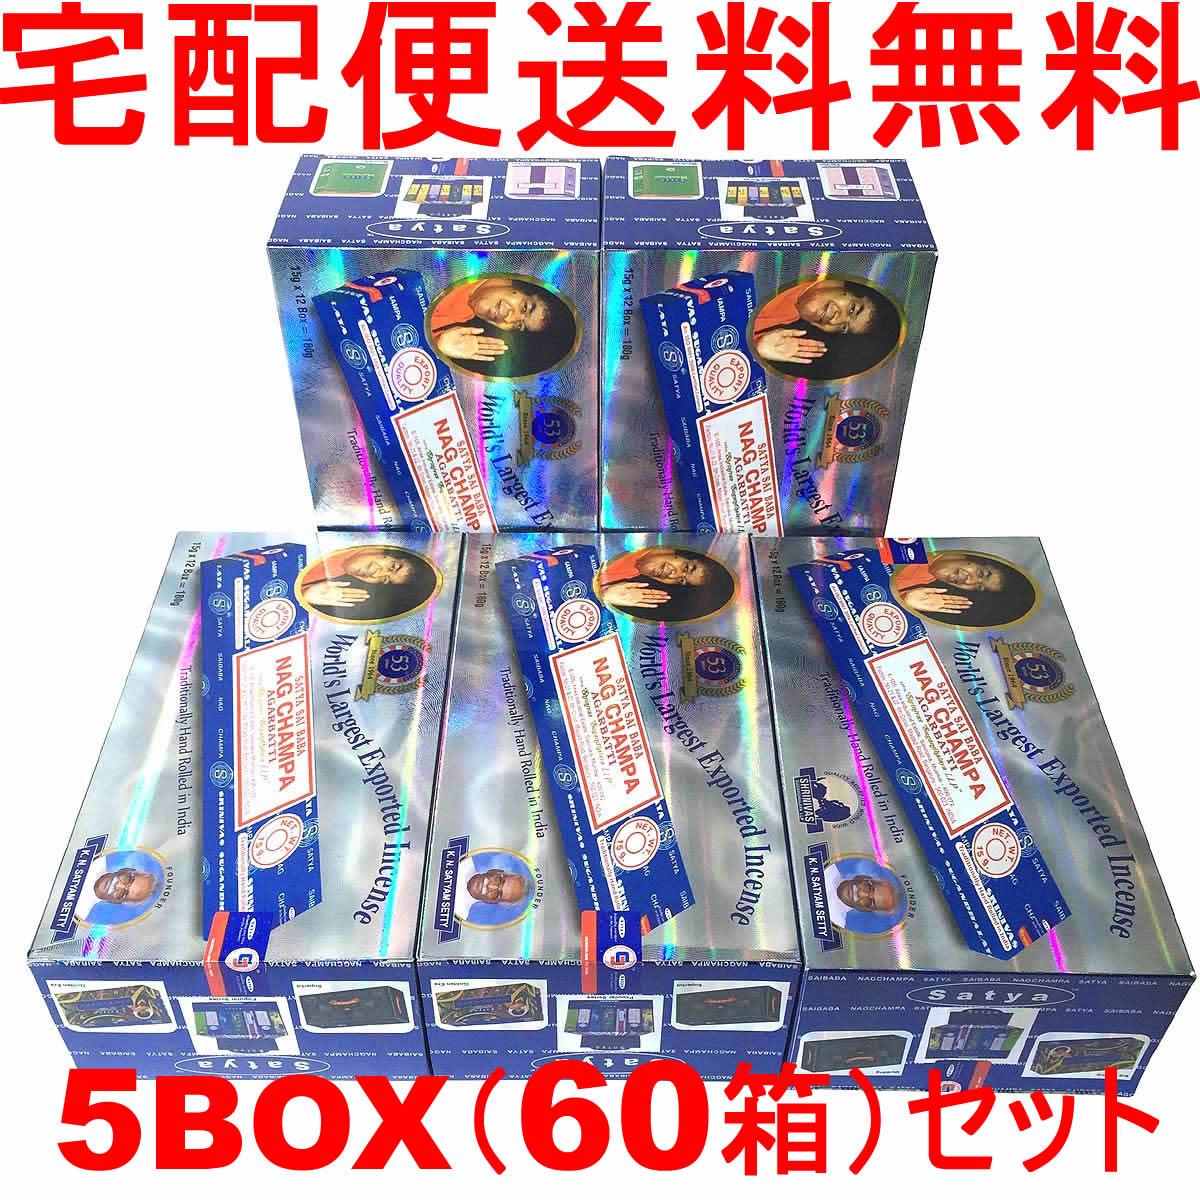 5BOX(60箱)送料無料